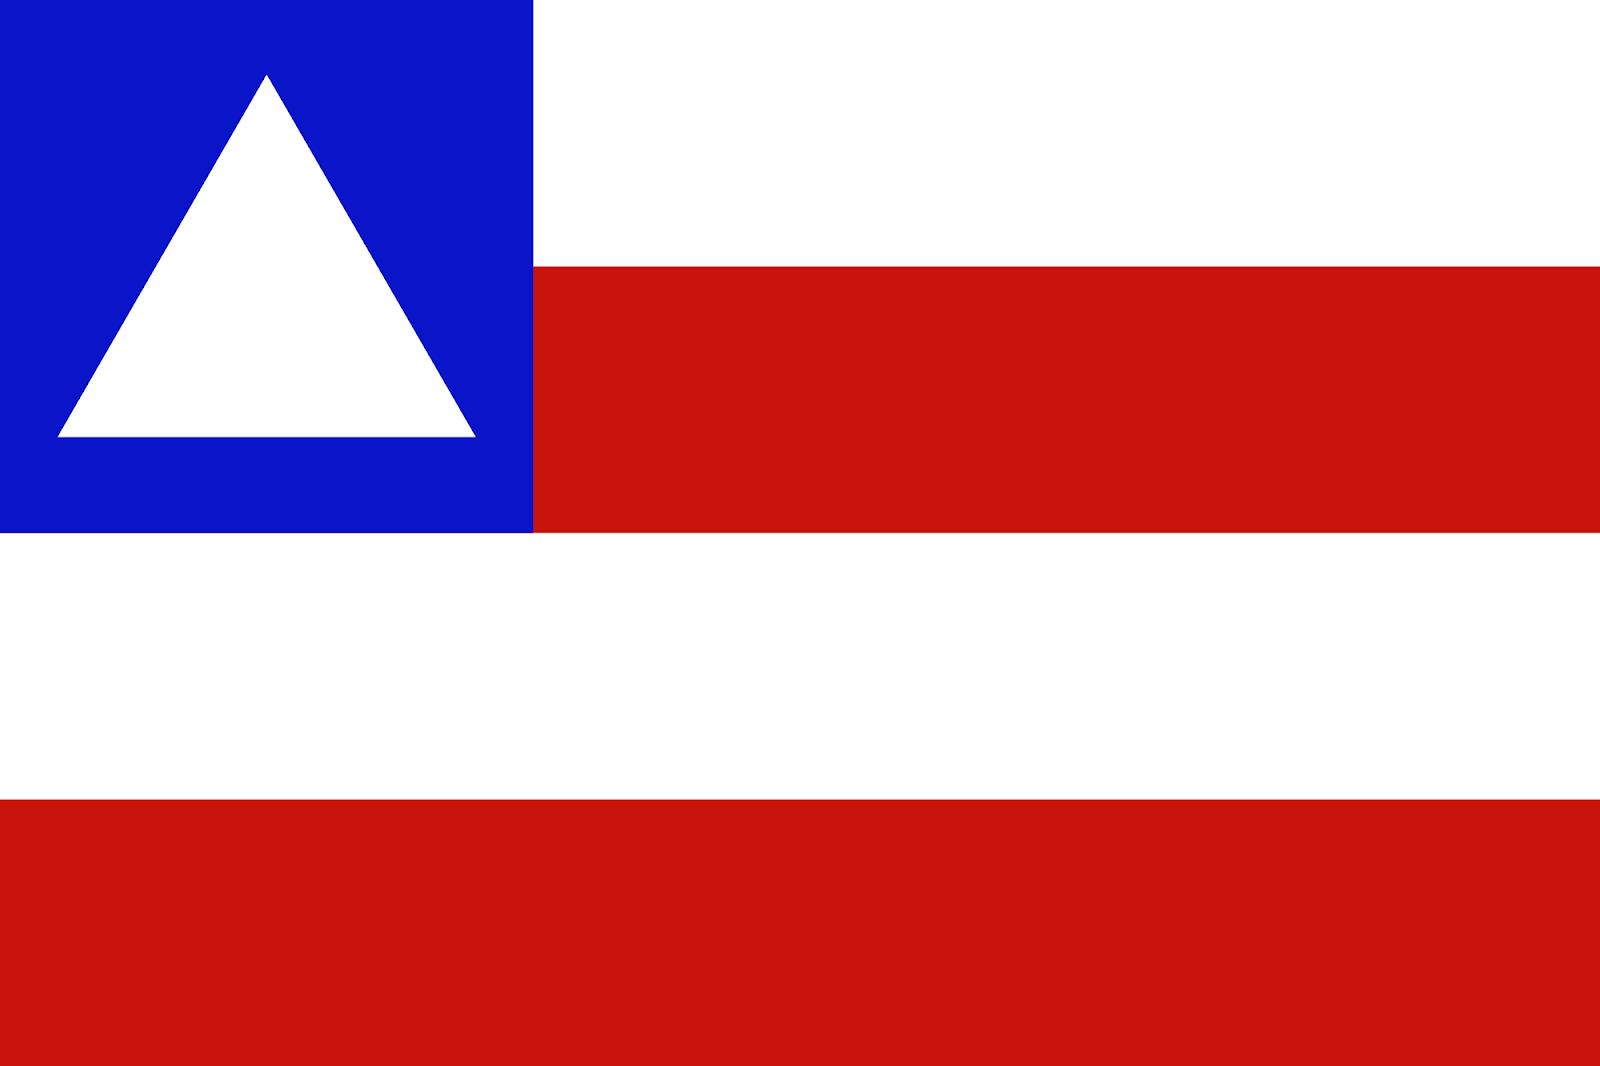 Bandeira da Bahia